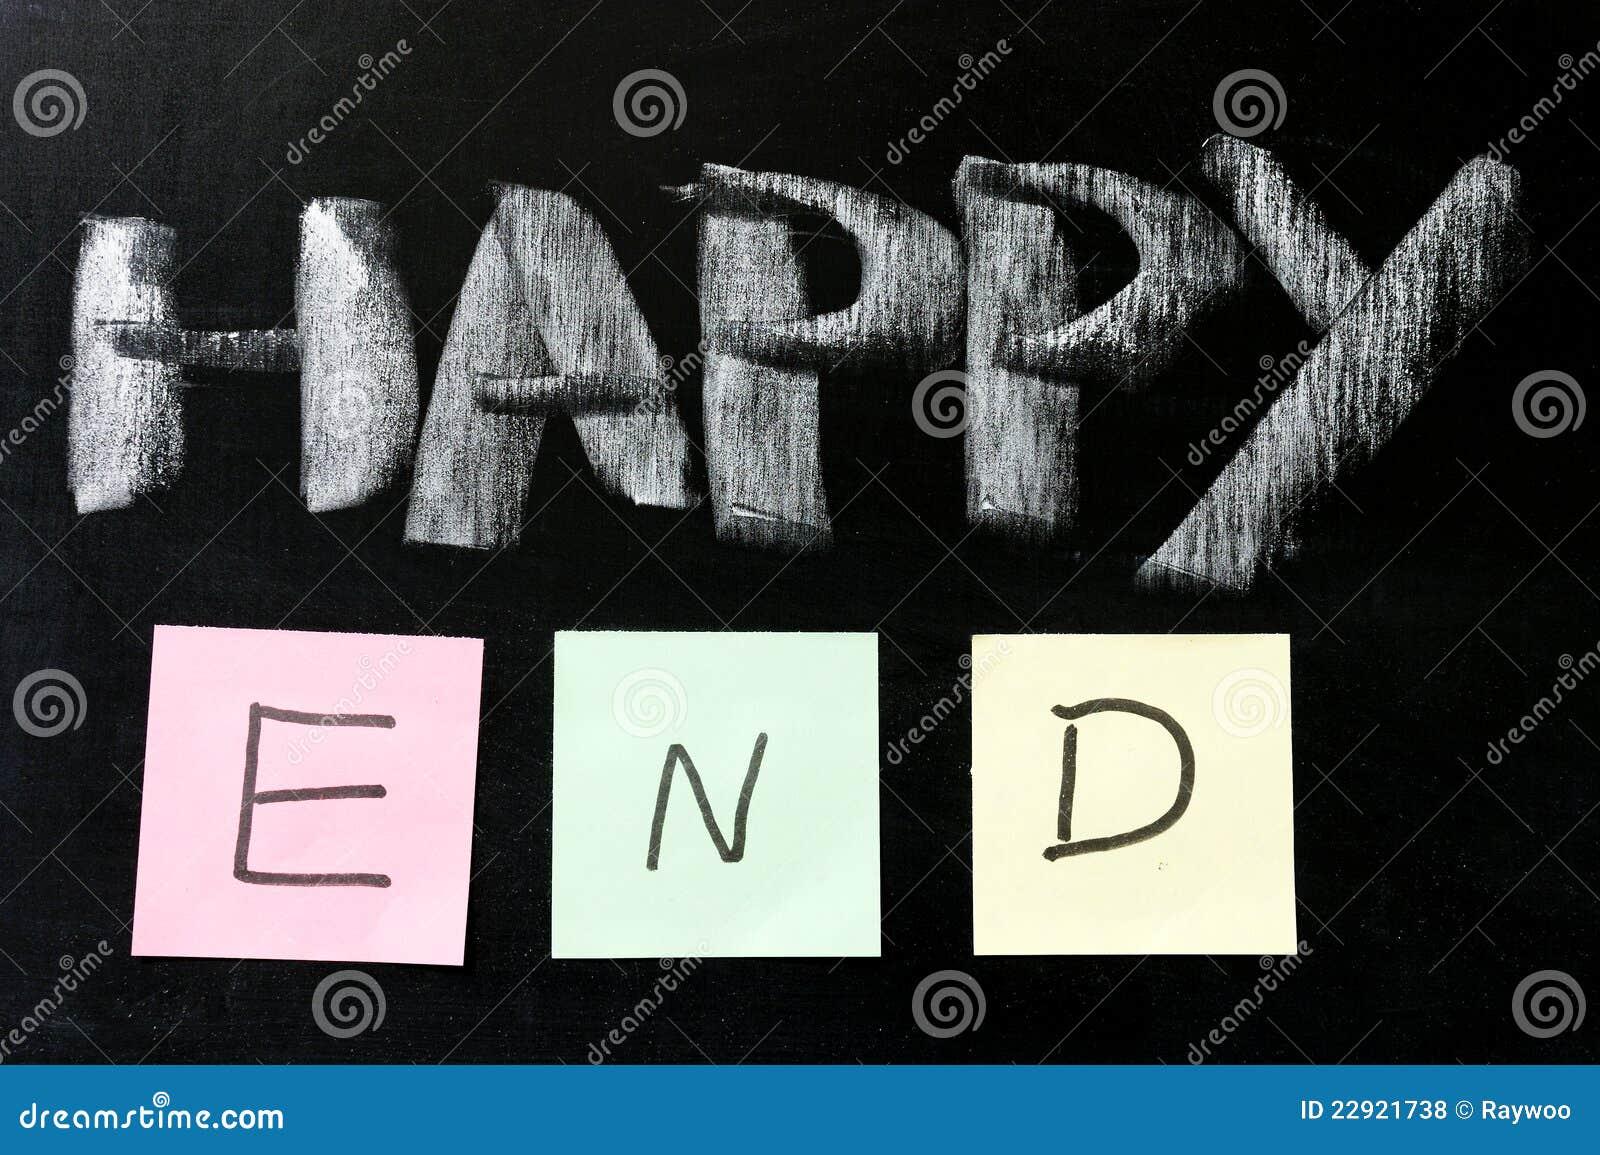 happy end message gratis porrno